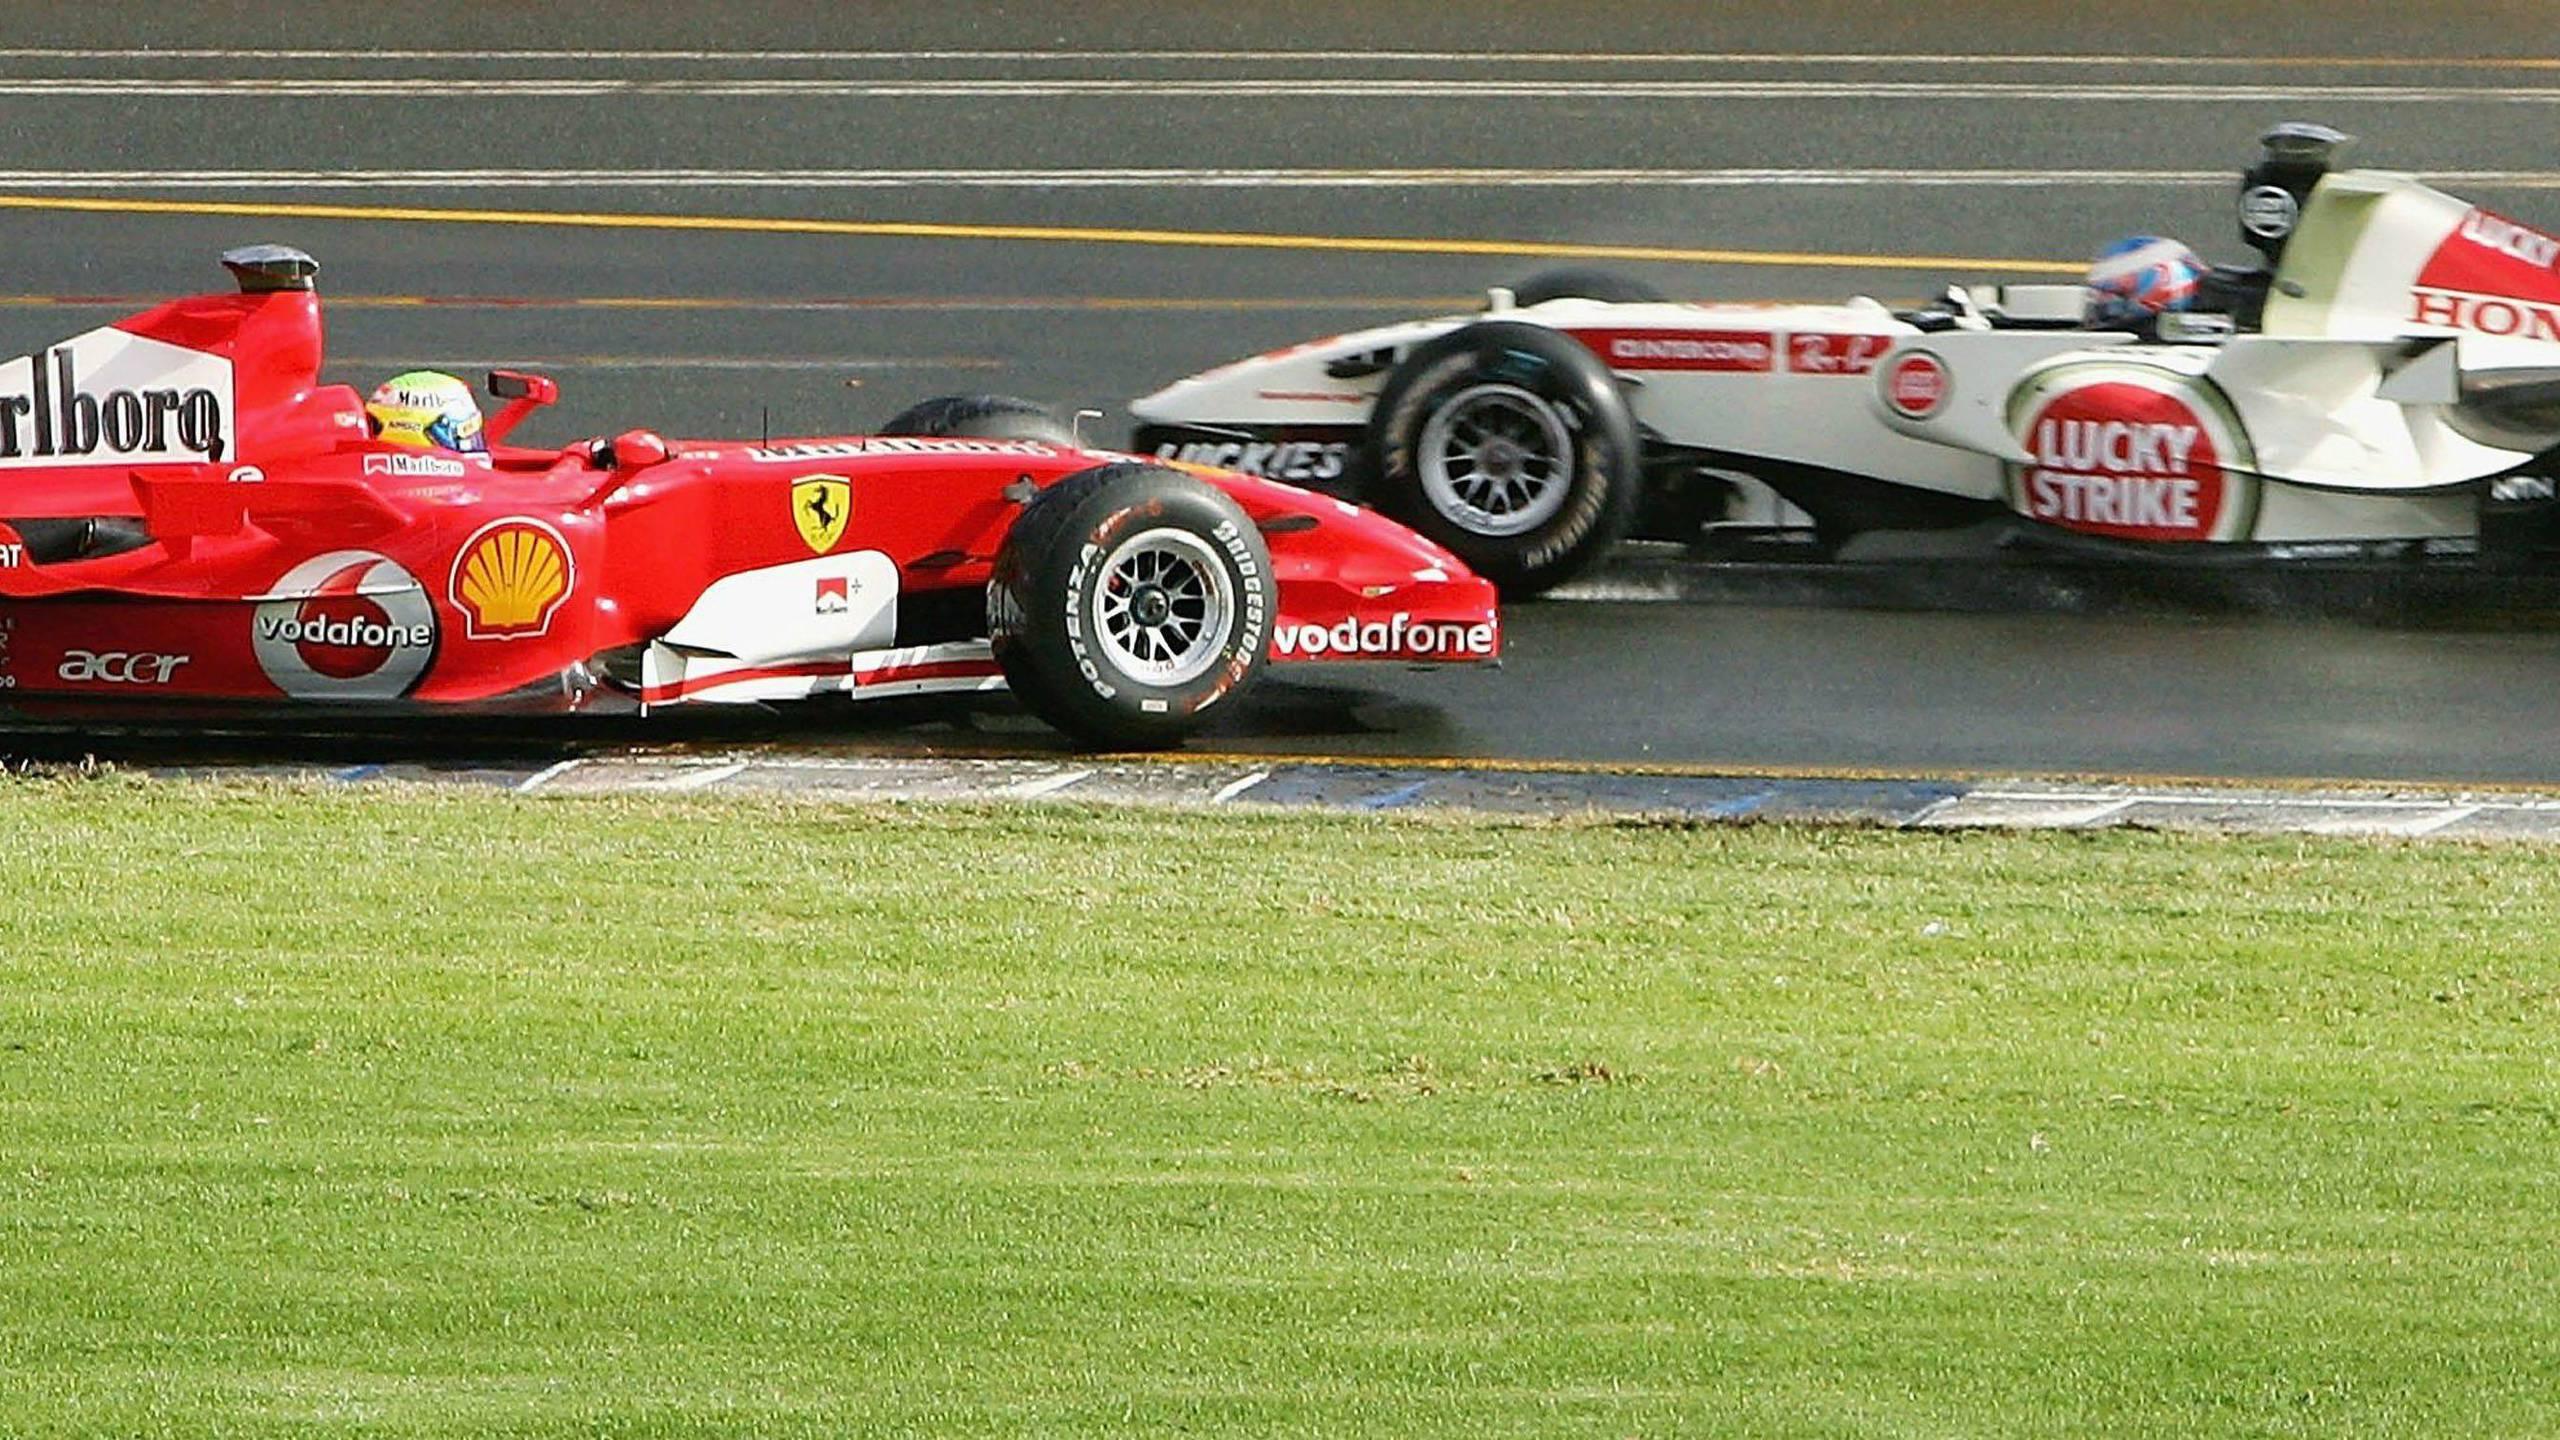 BOTPOST [BOTPOST] 2006 Ferrari 248 F1 2006 Honda RA106 Australian 2560x1440